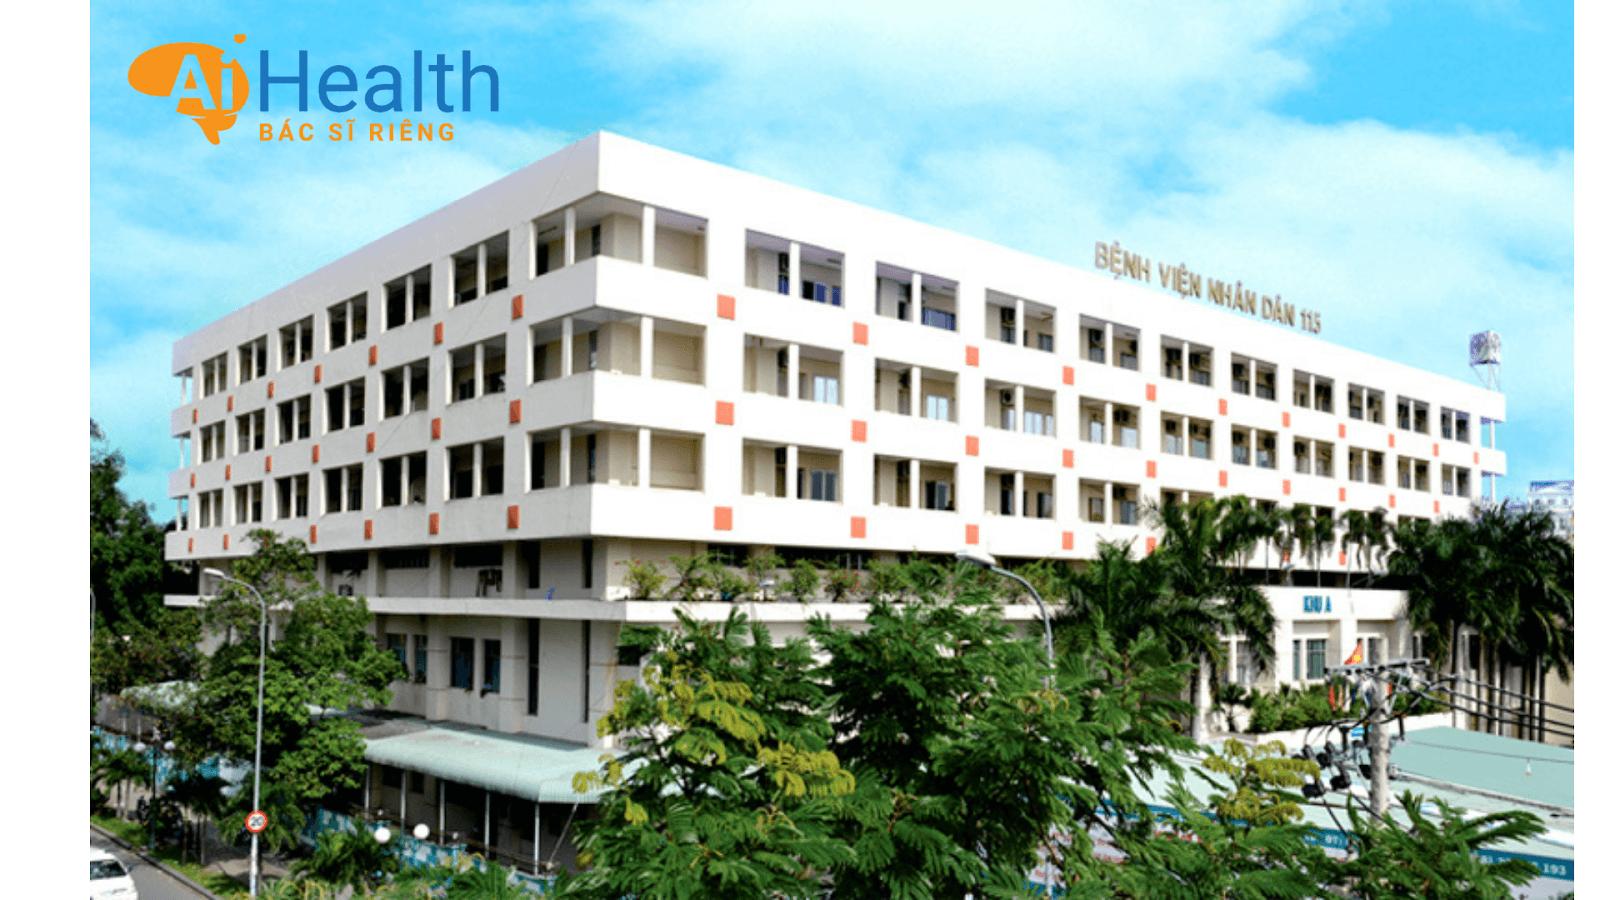 Bệnh viện 115 với đội ngũ bác sĩ dày dặn kinh nghiệm